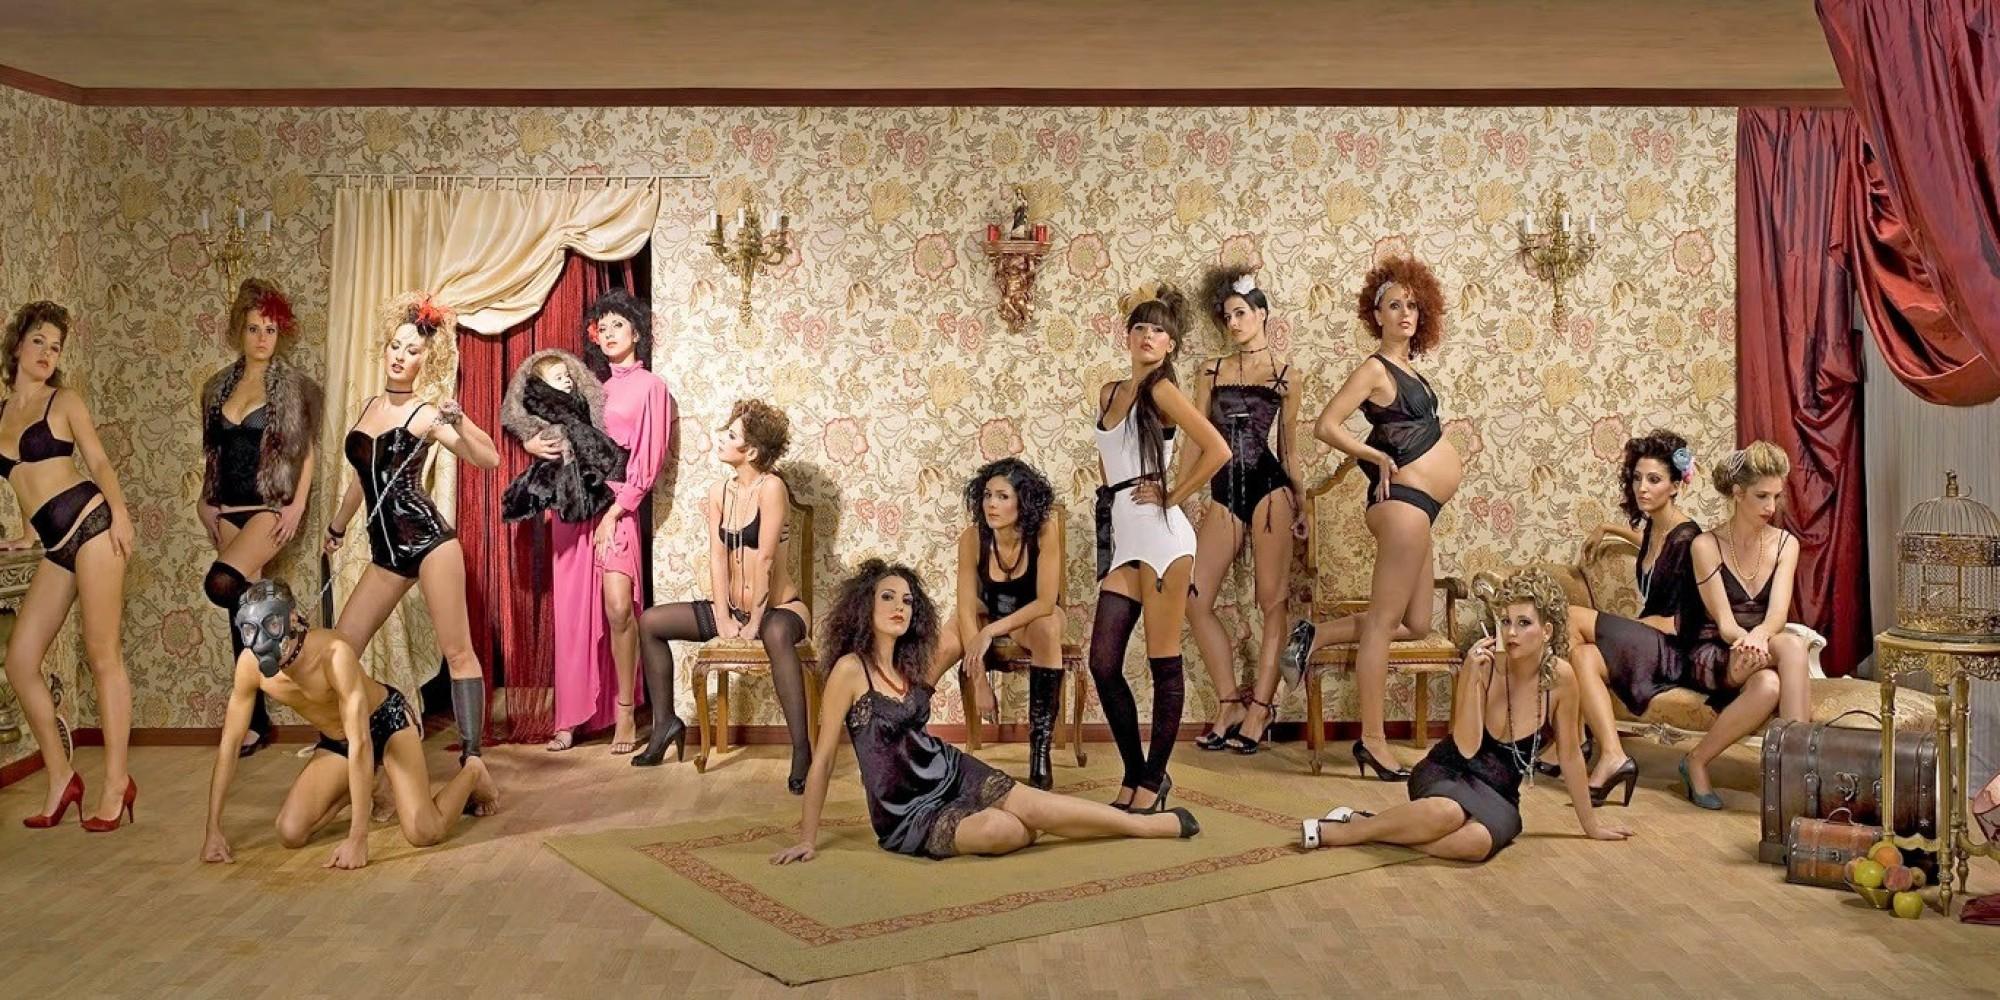 cumlouder prostitutas porcentaje hombres prostitutas